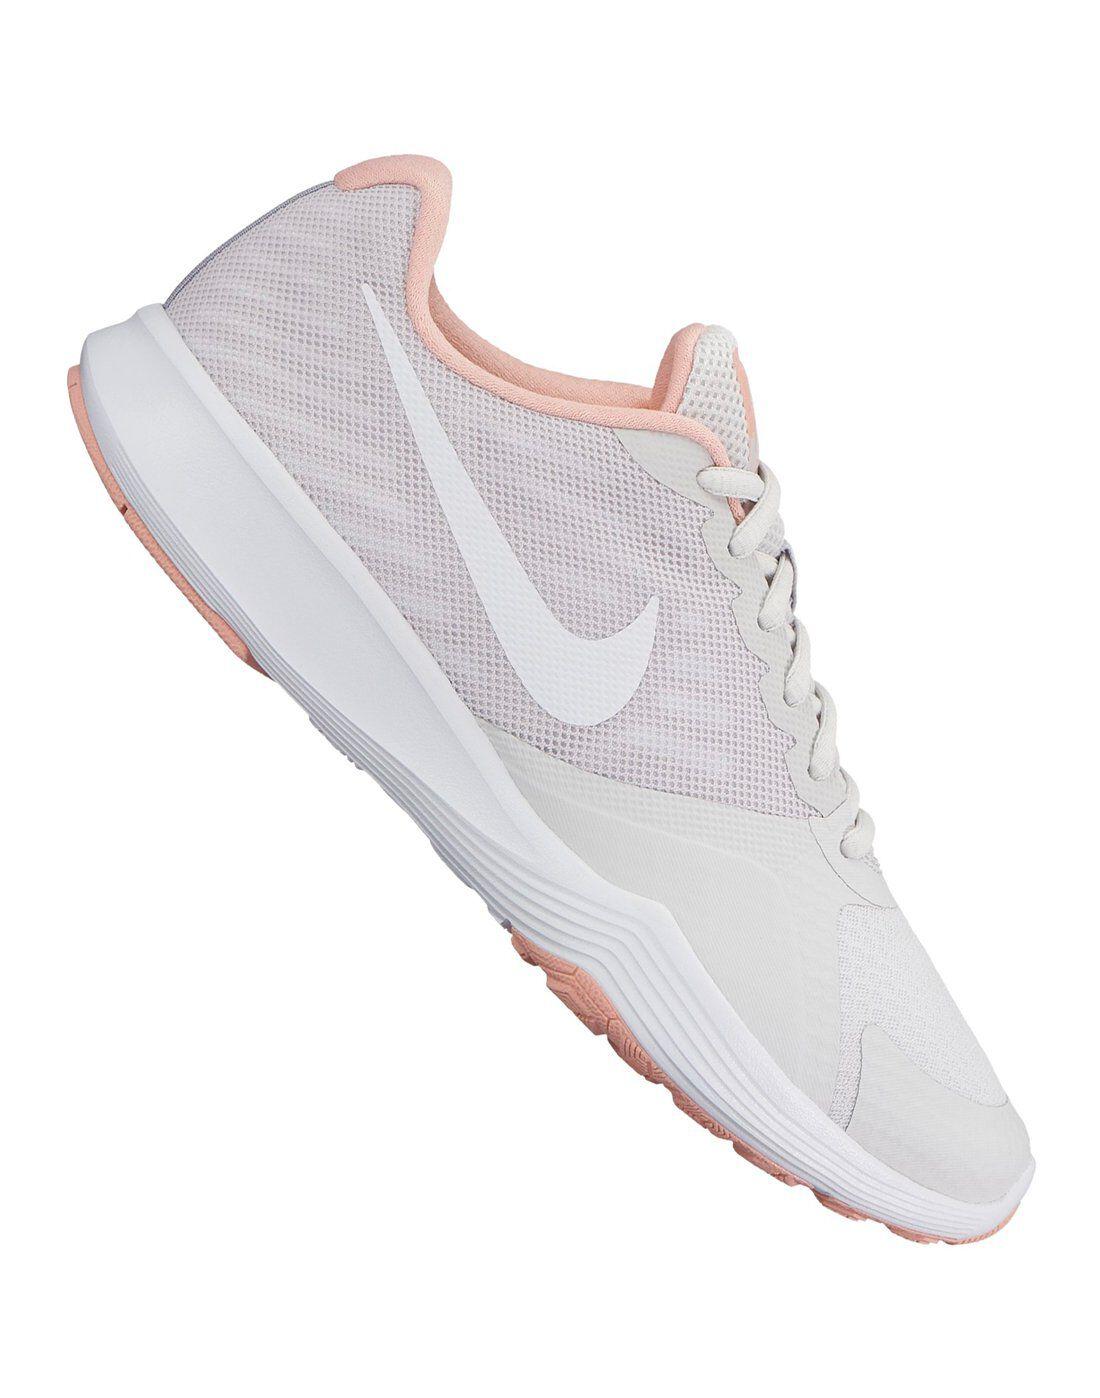 Women's Nike City Trainer | White